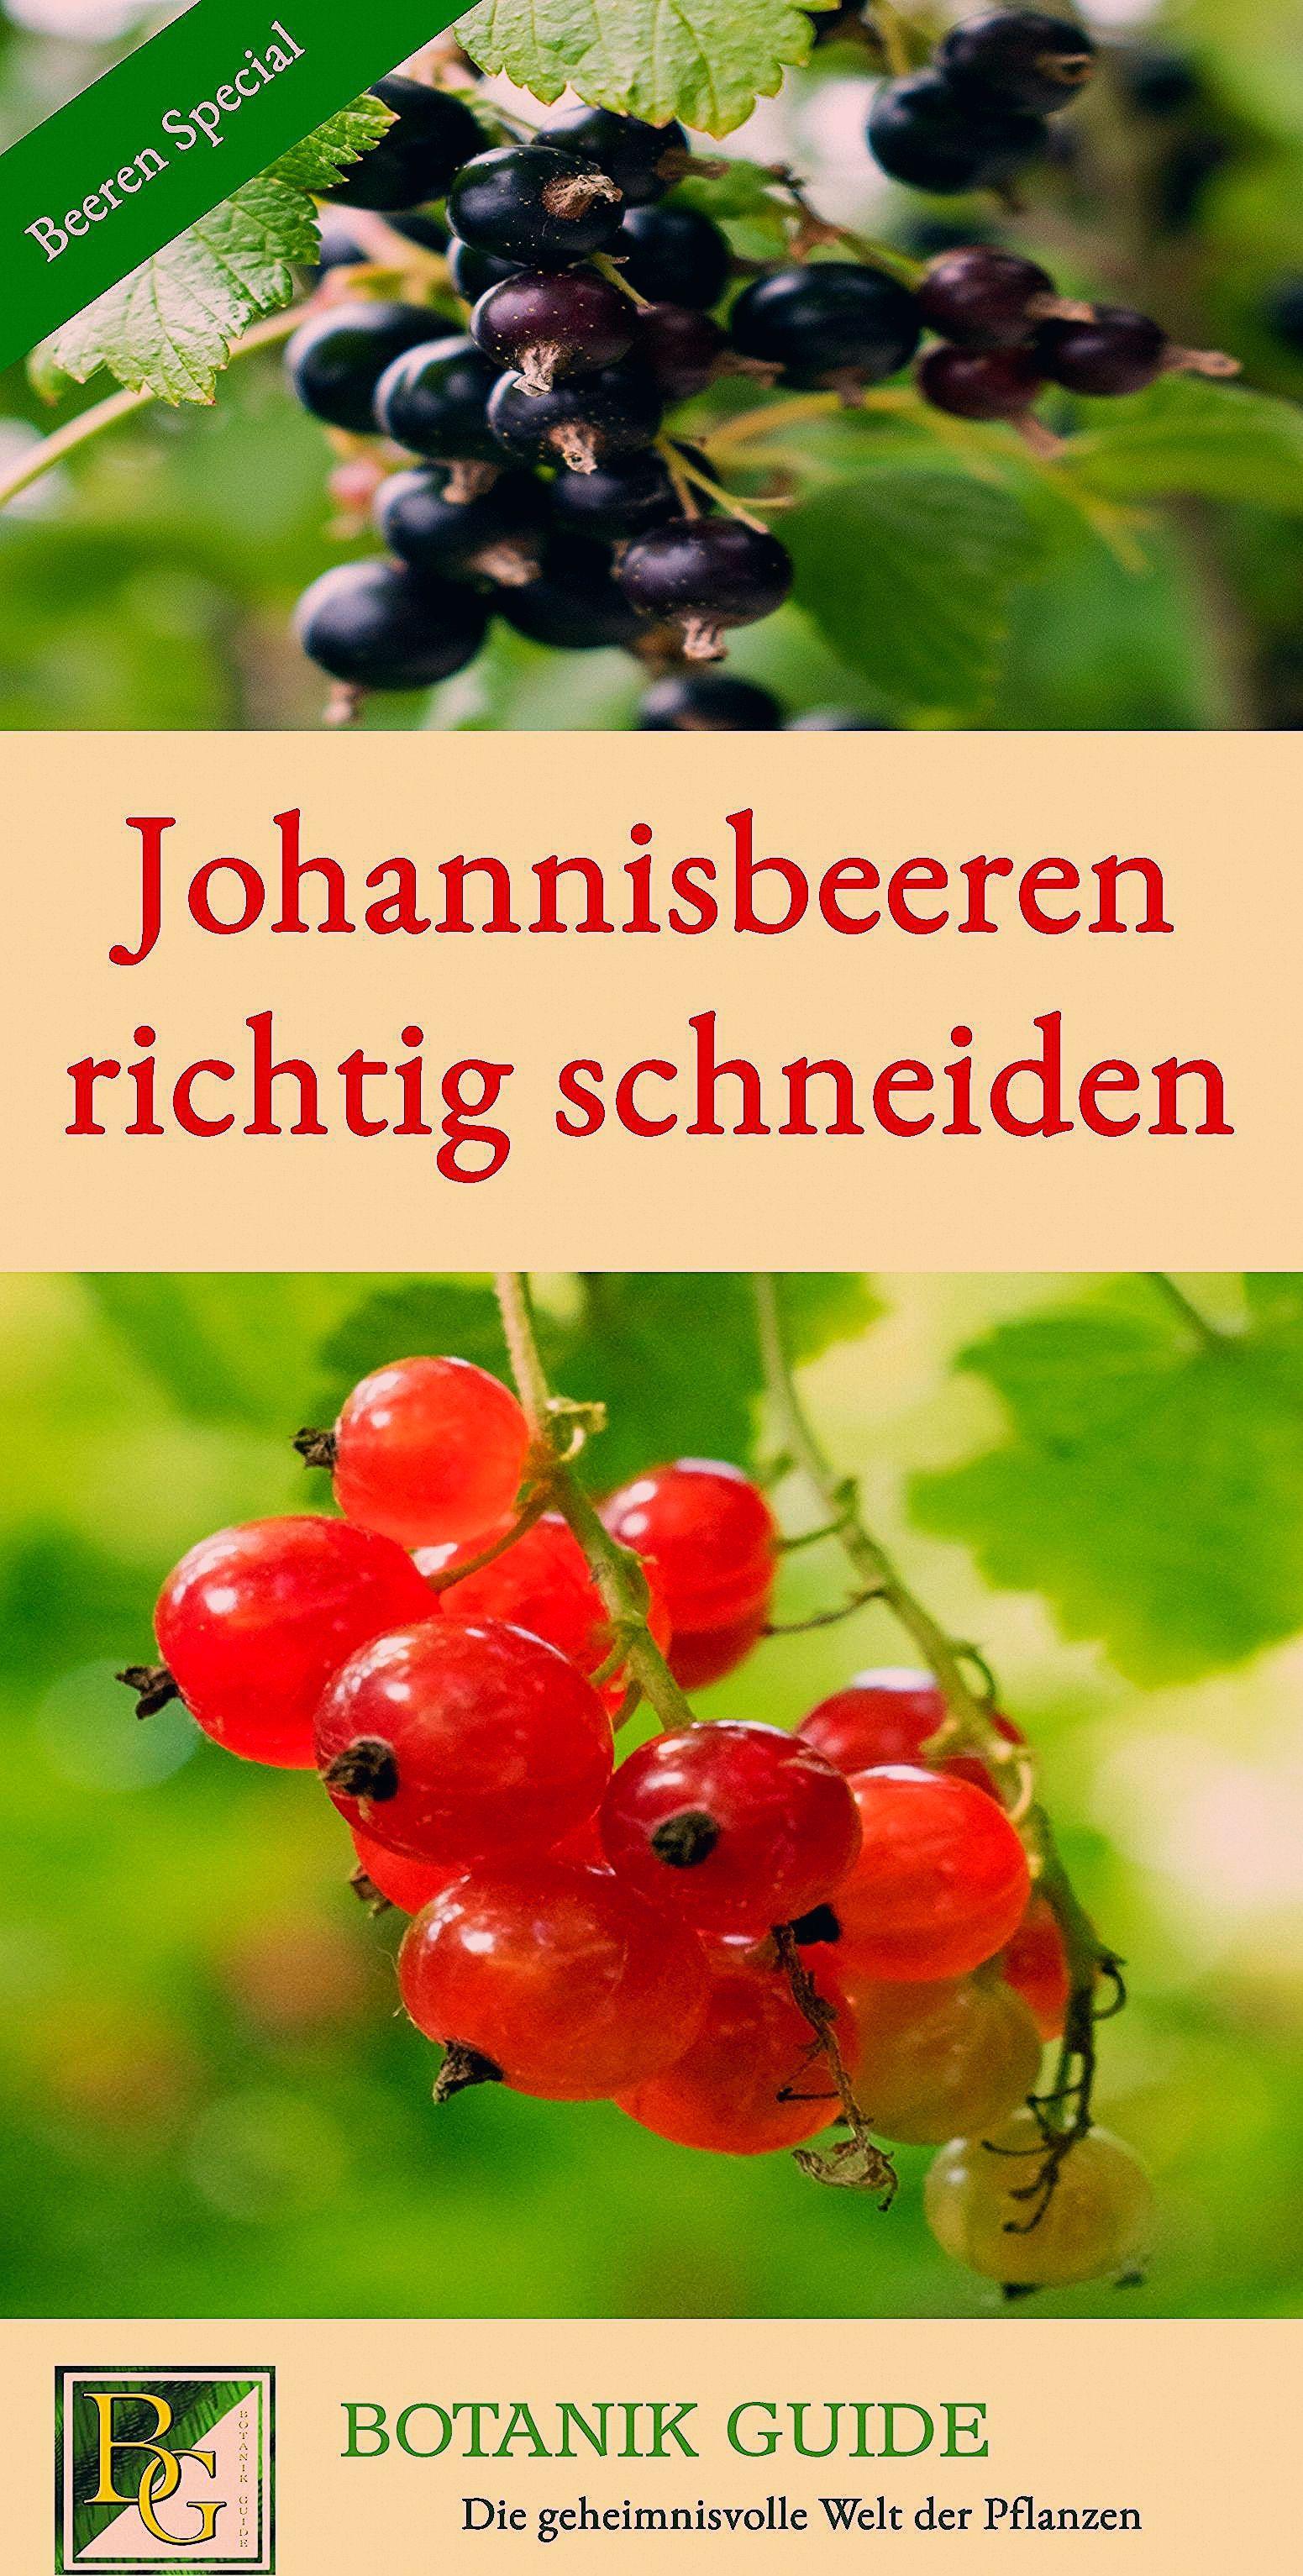 Photo of Üppige Johannisbeer-Ernte mit dem richtigen Schnitt